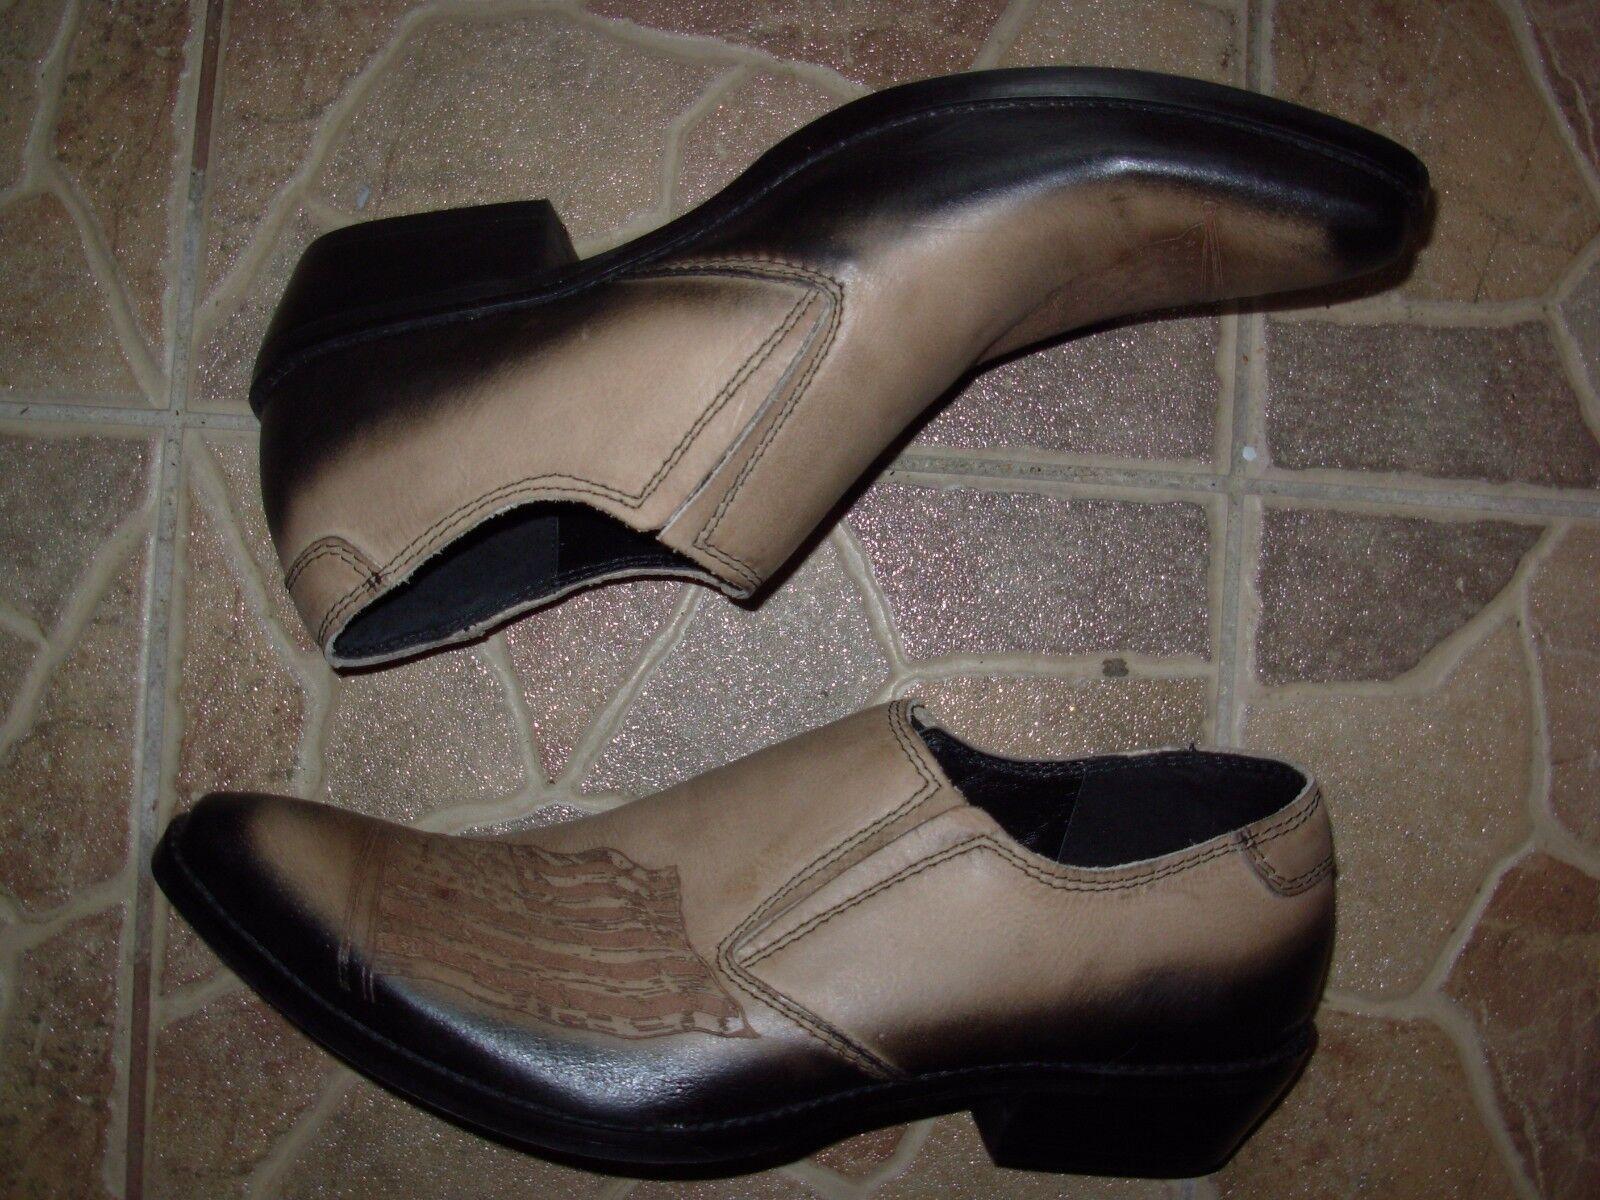 aa7f5205 negro Hand made Gorgeous botas style eu. 44 Talla Tan Leather Comodo cowboy  nrknkw2810-Botas